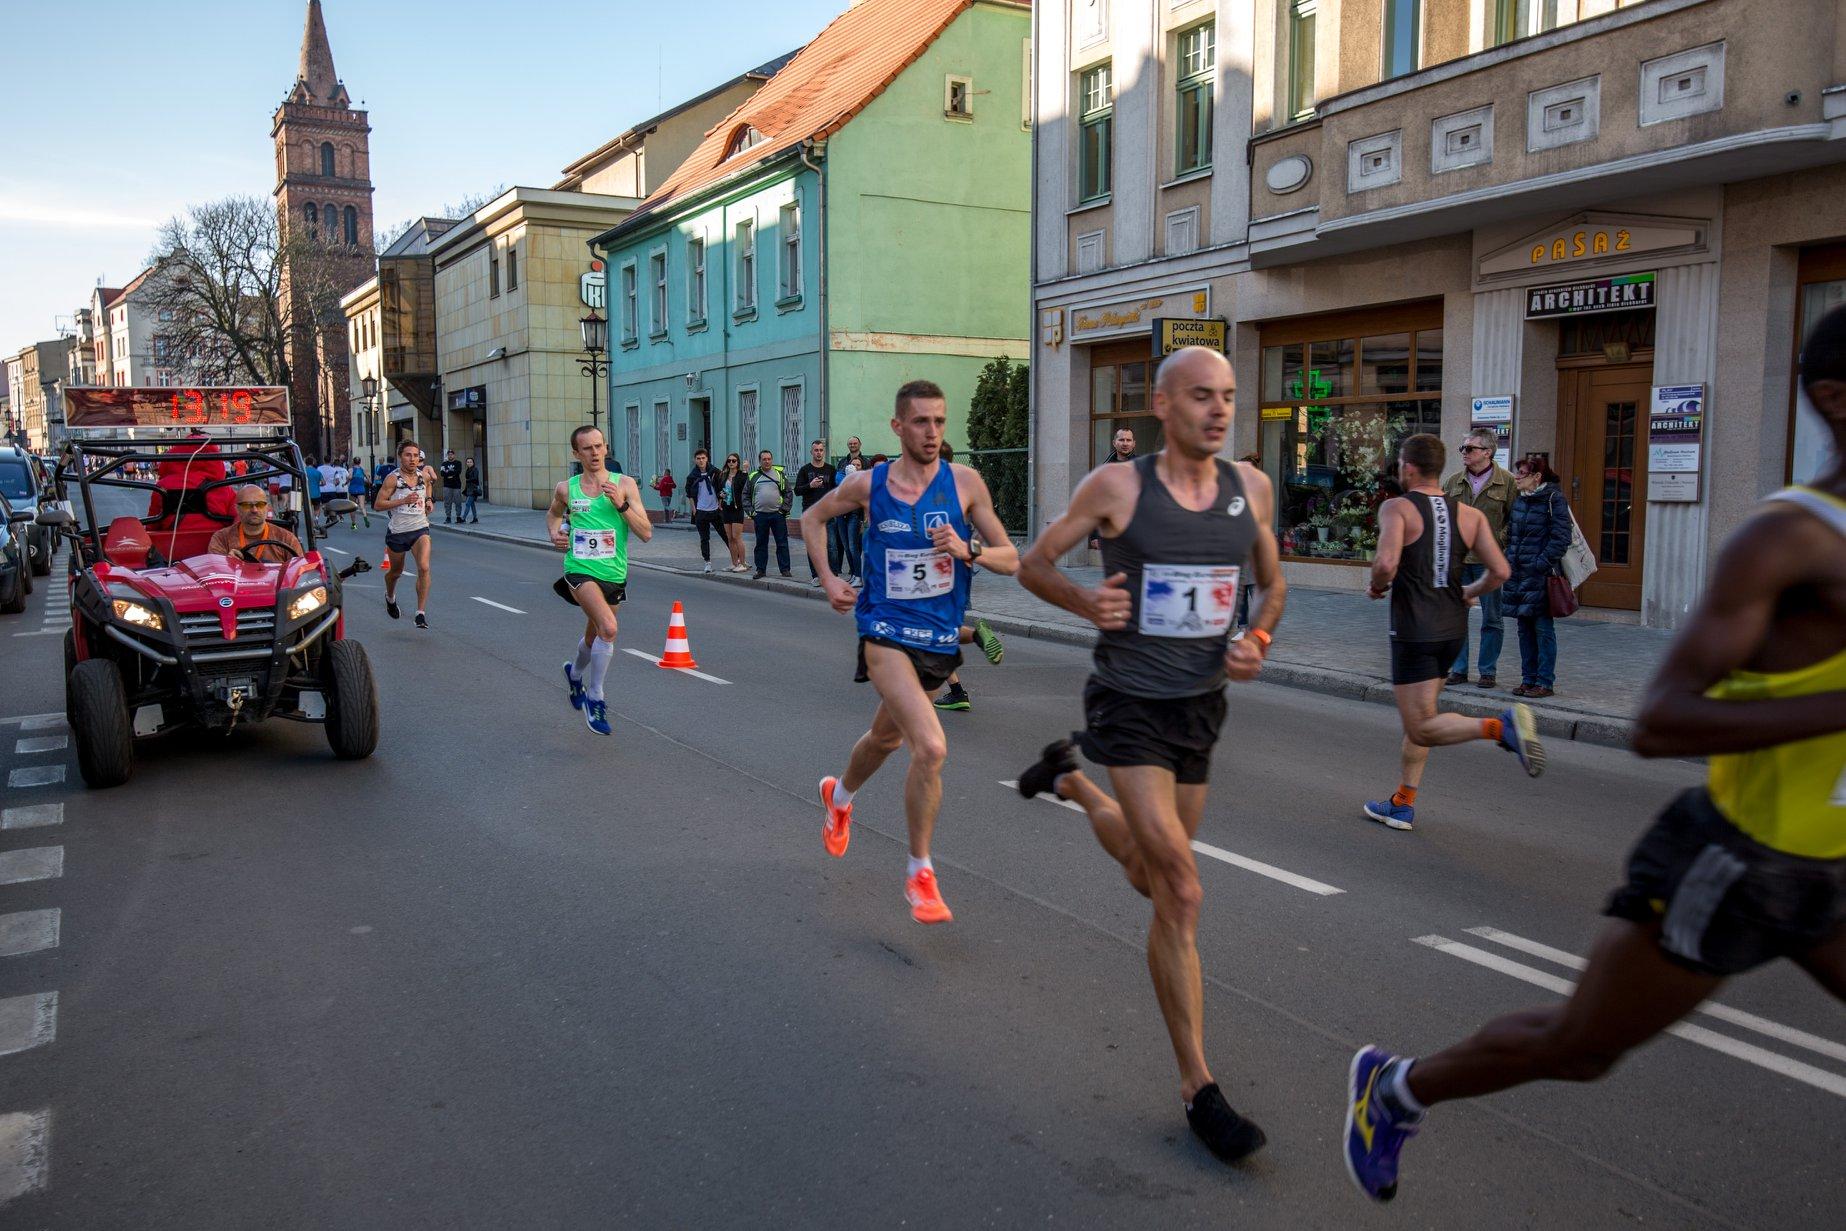 Bieg Europejski Gniezno - trener biegania Emil Dobrowolski w czołówce